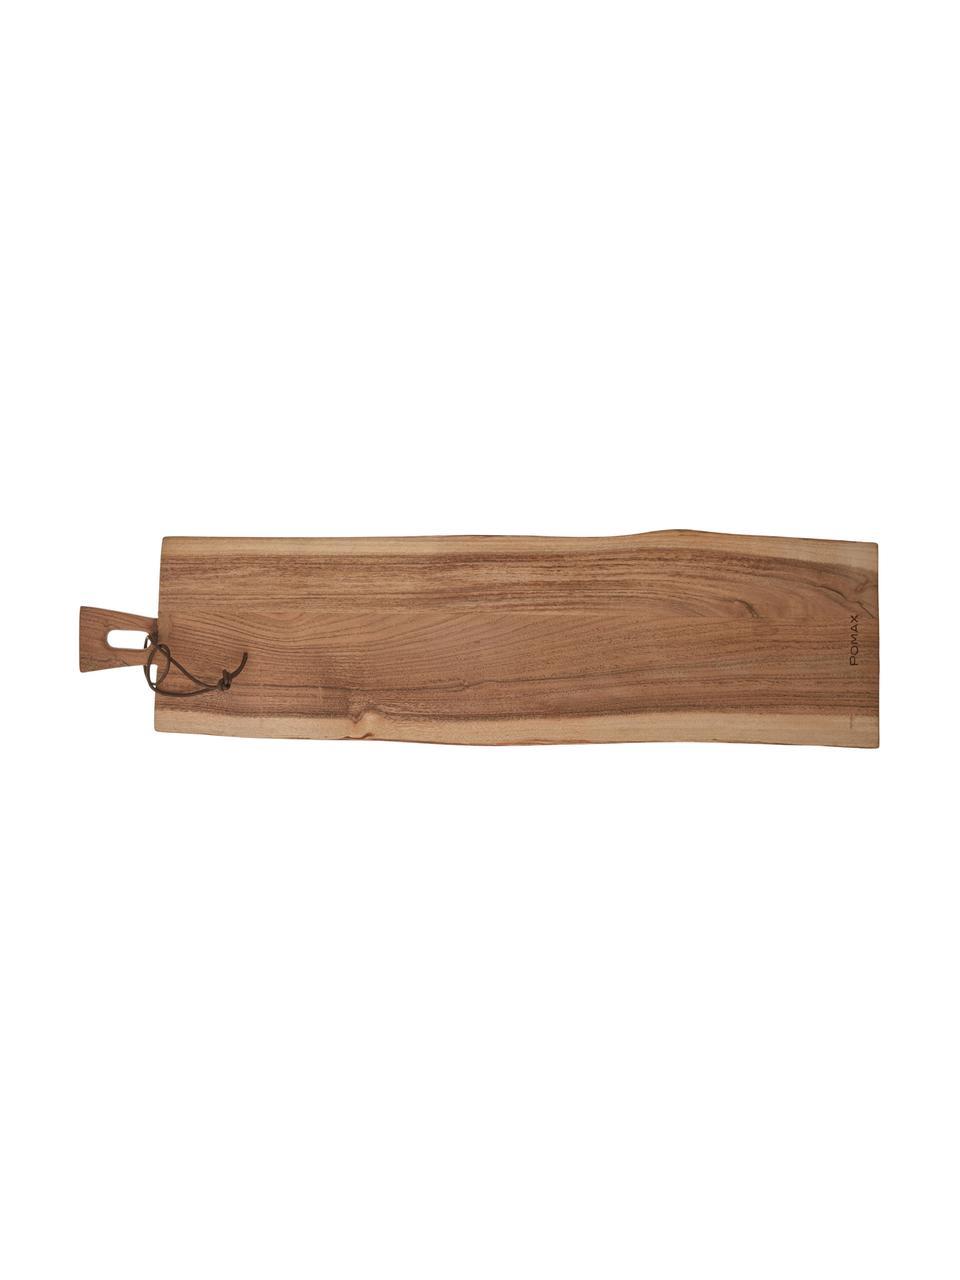 Deska do krojenia z drewna akacjowego Limitless, Drewno akacjowe, Drewno akacjowe, D 65 x S 15 cm